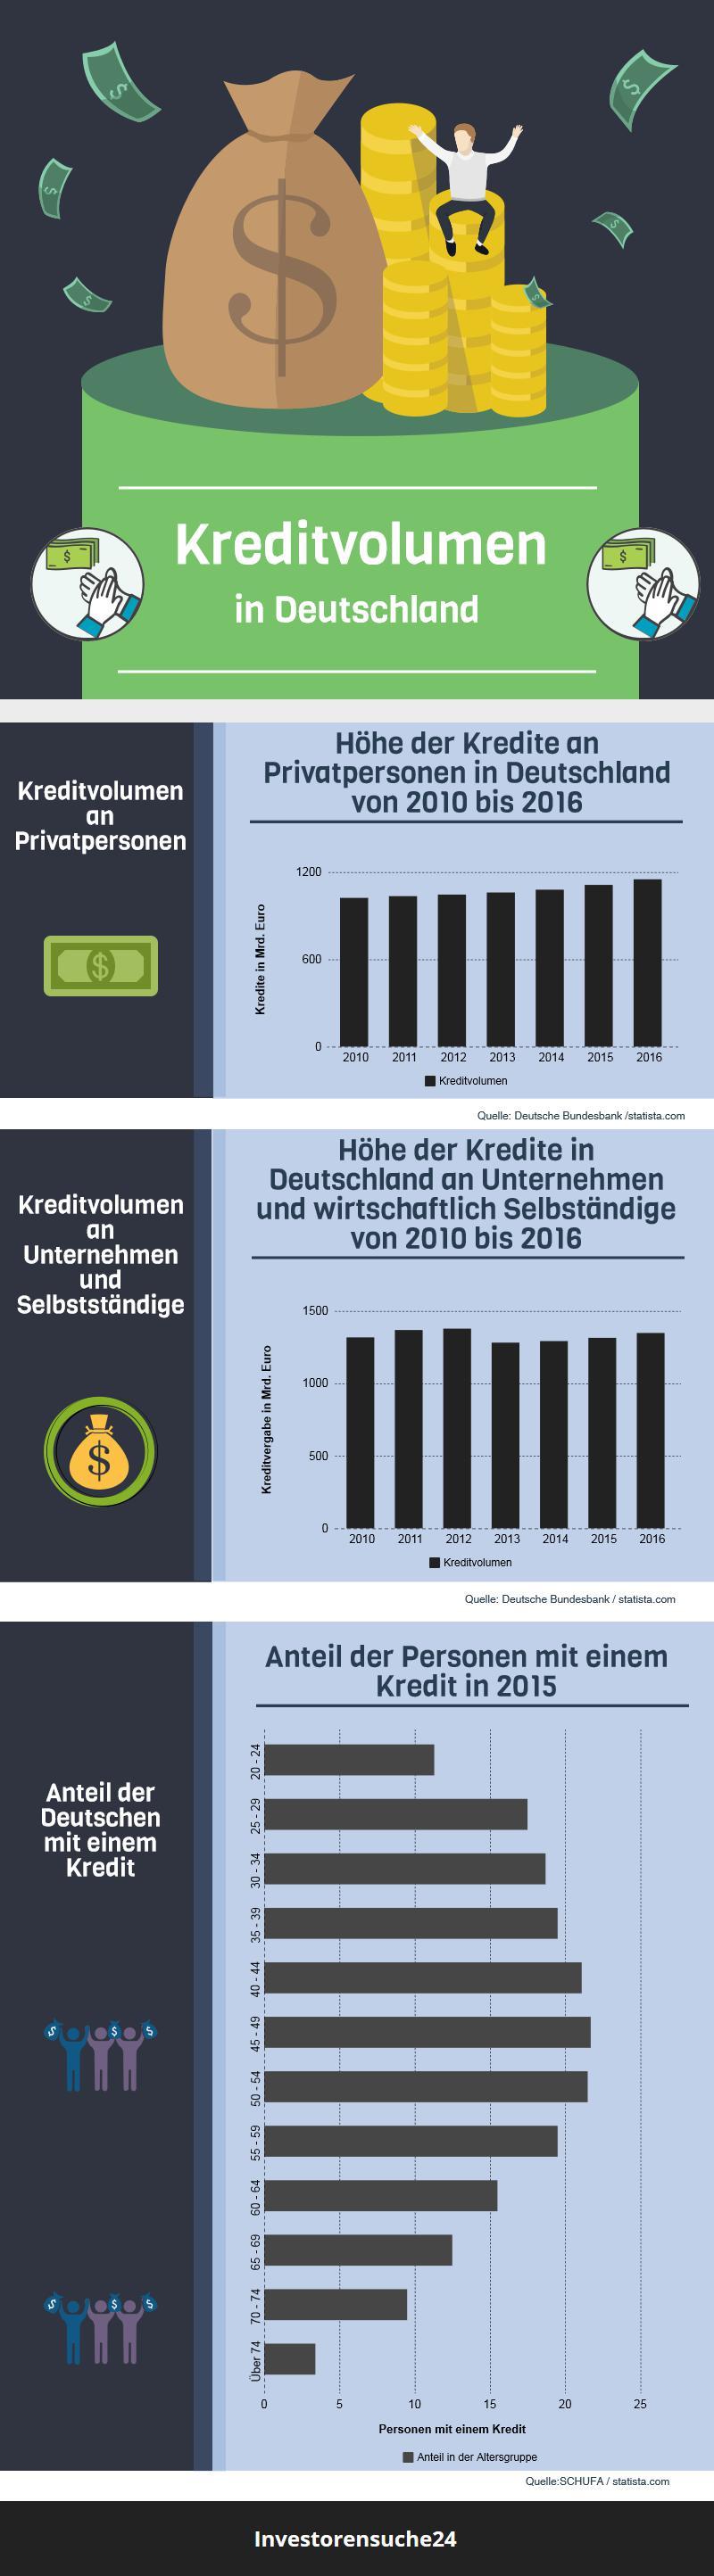 Infografik zum Kreditvolumen in Deutschland